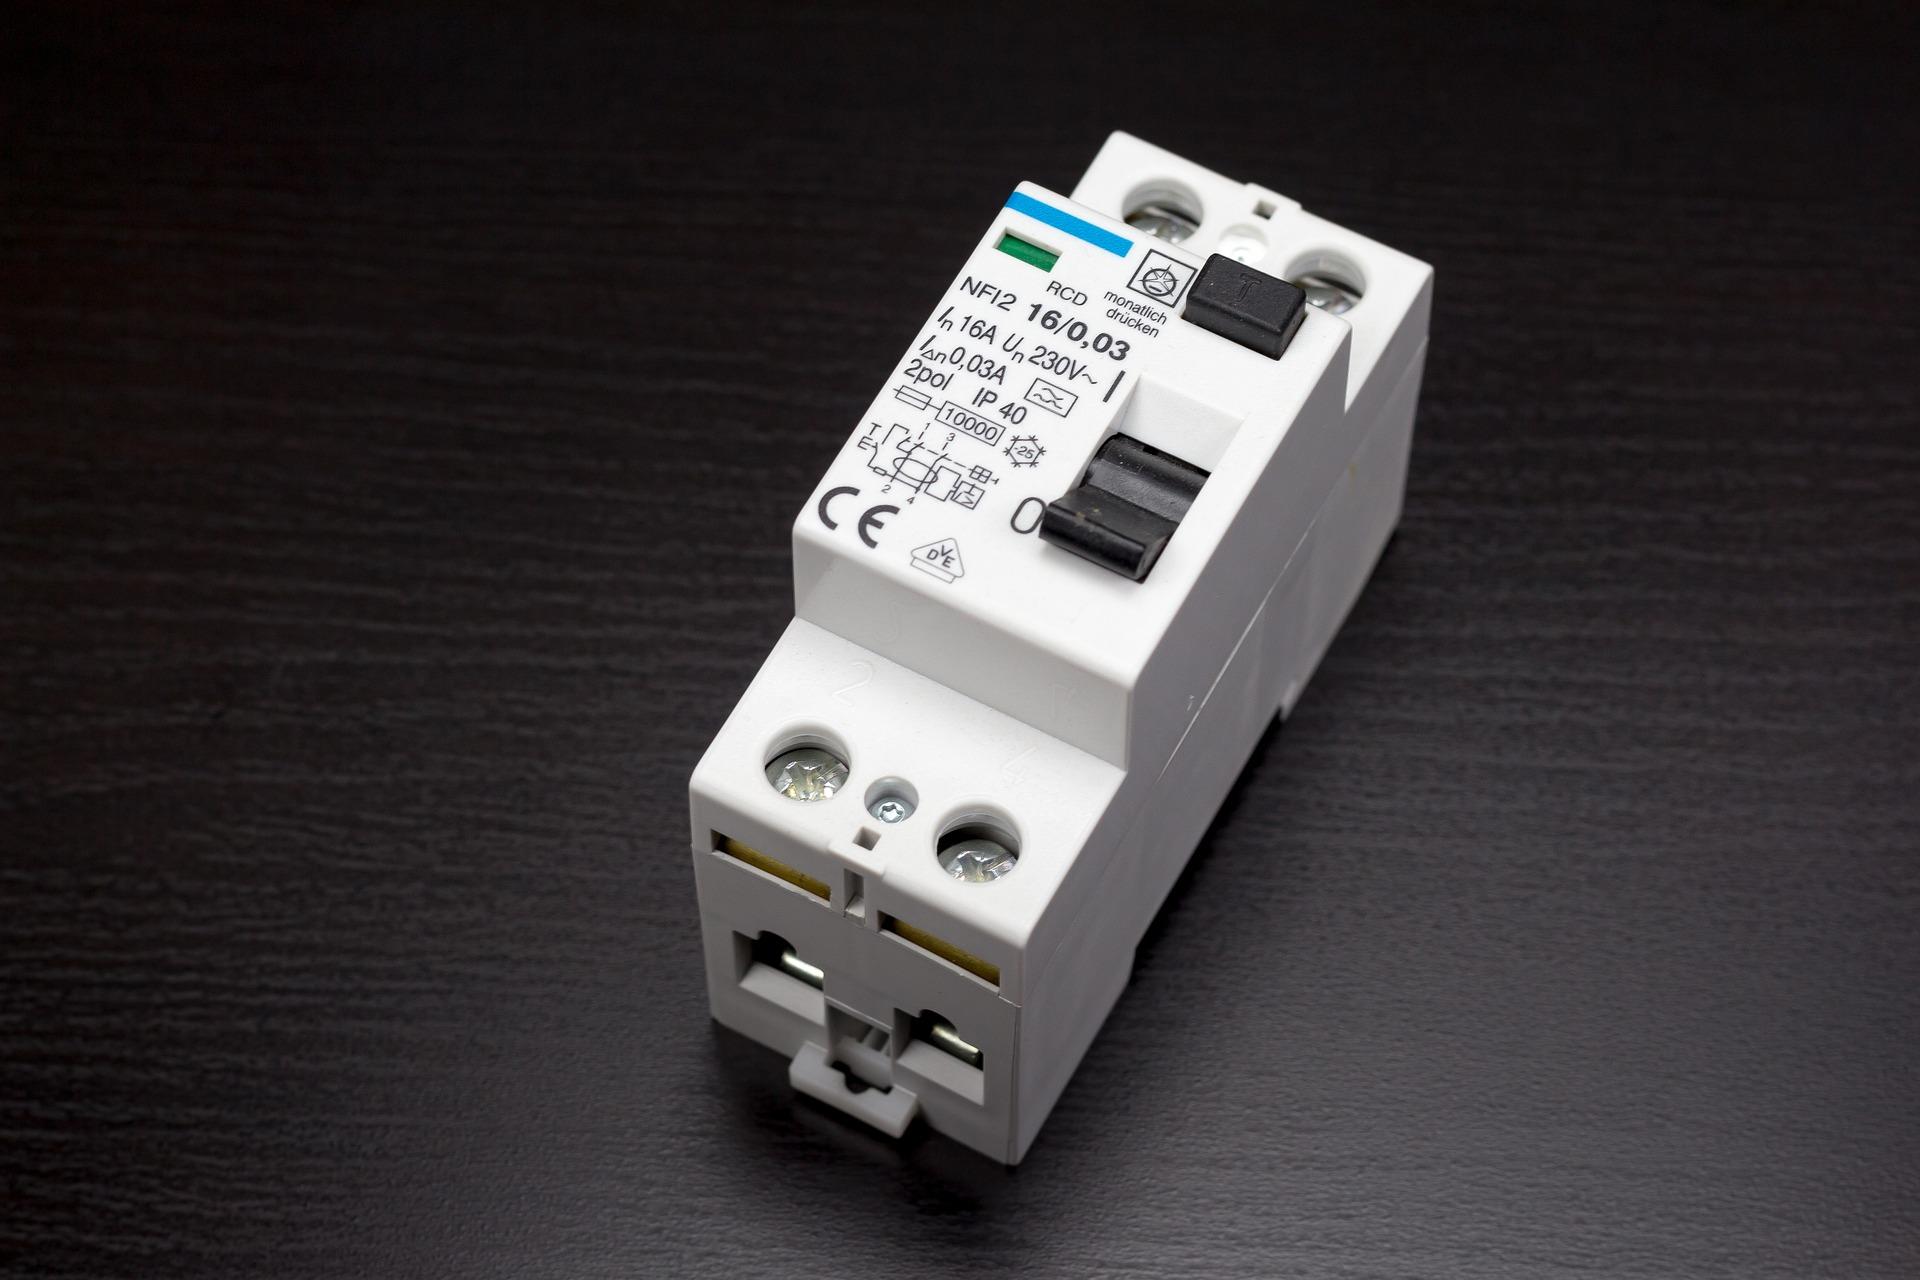 Wie funktioniert ein FI-Schalter (Fehlerstromschutzschalter